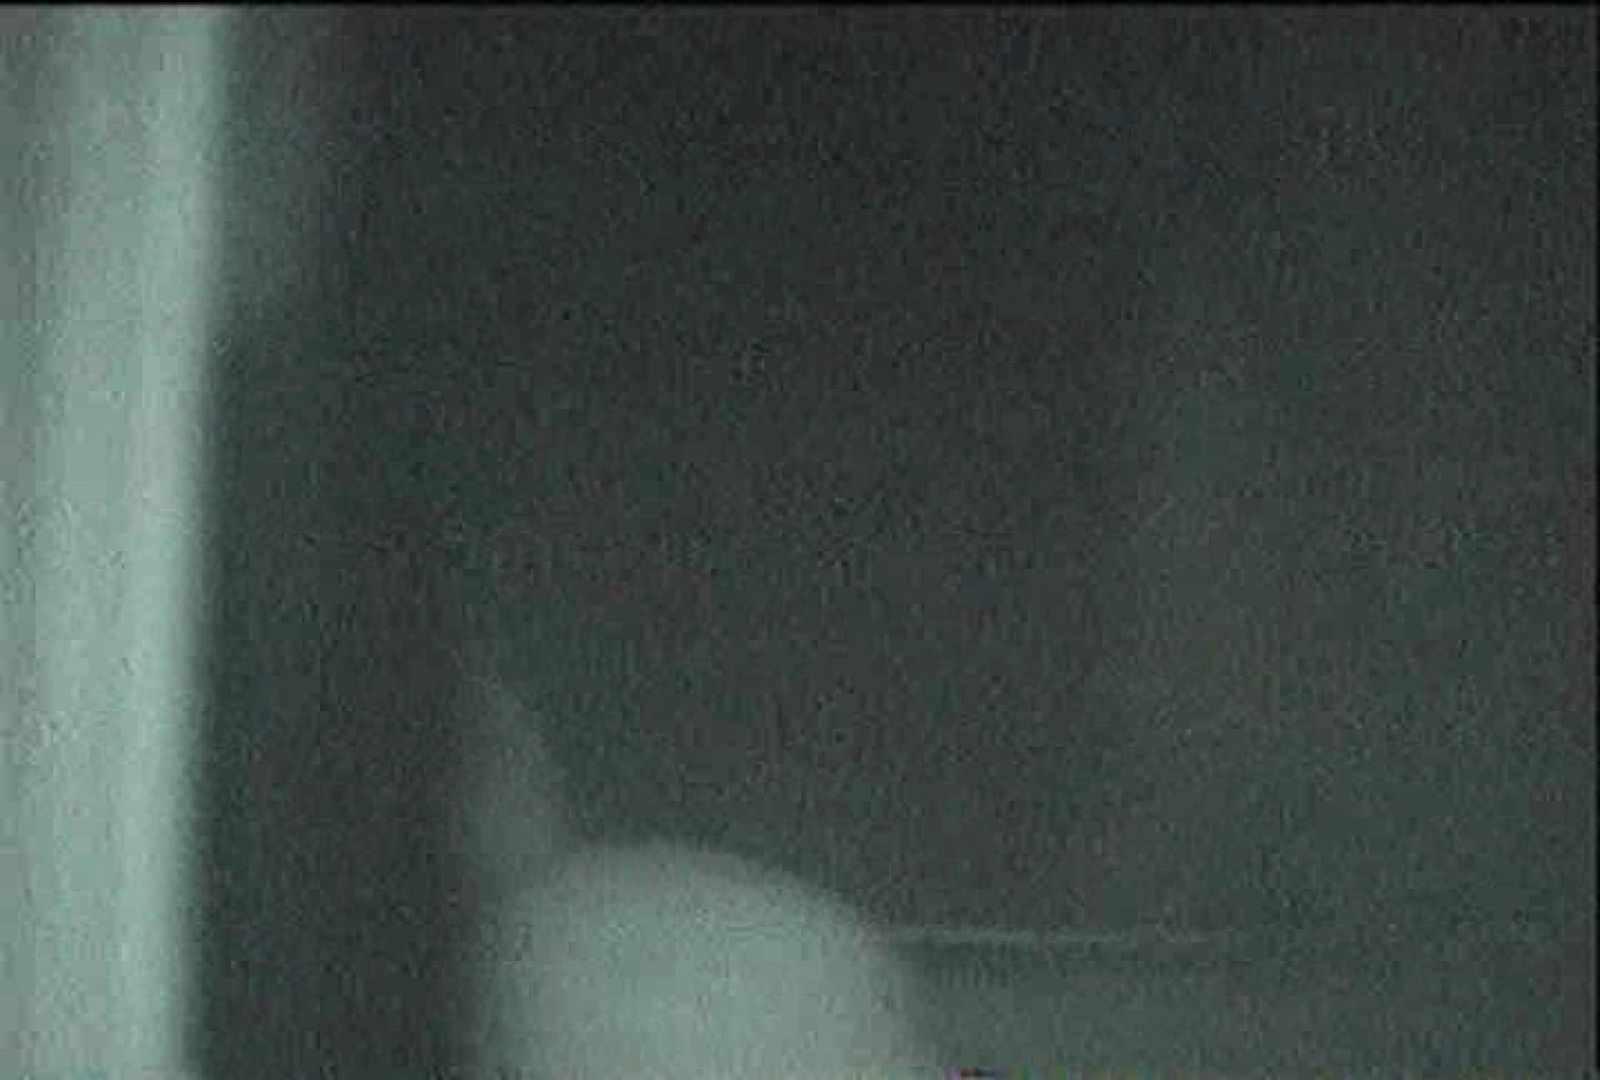 充血監督の深夜の運動会Vol.79 おまんこ  91pic 66